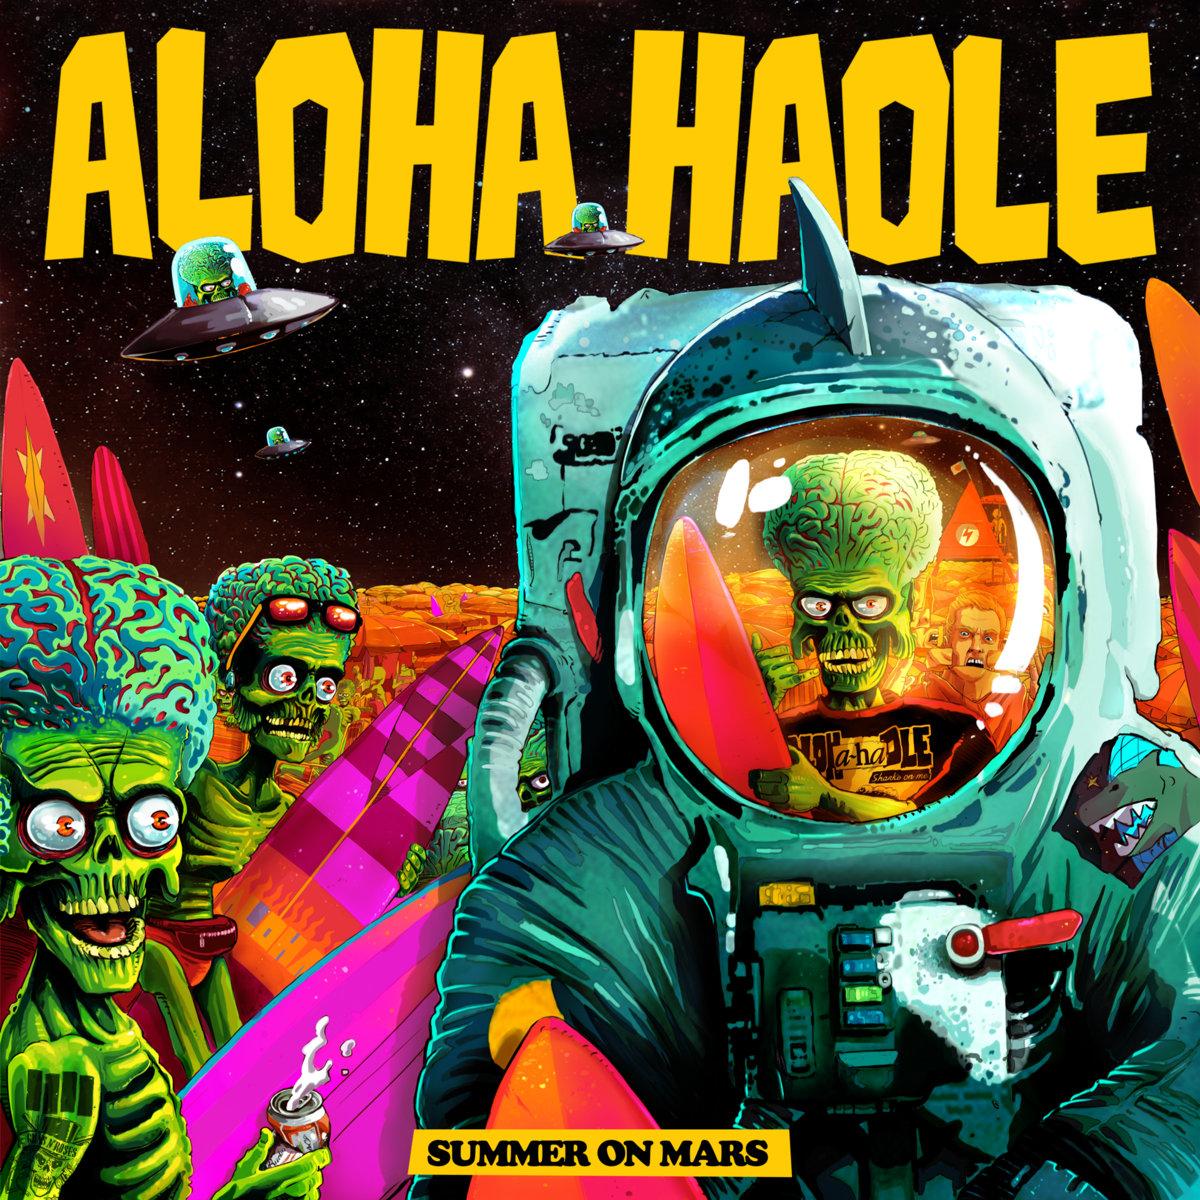 ALOHA HAOLE